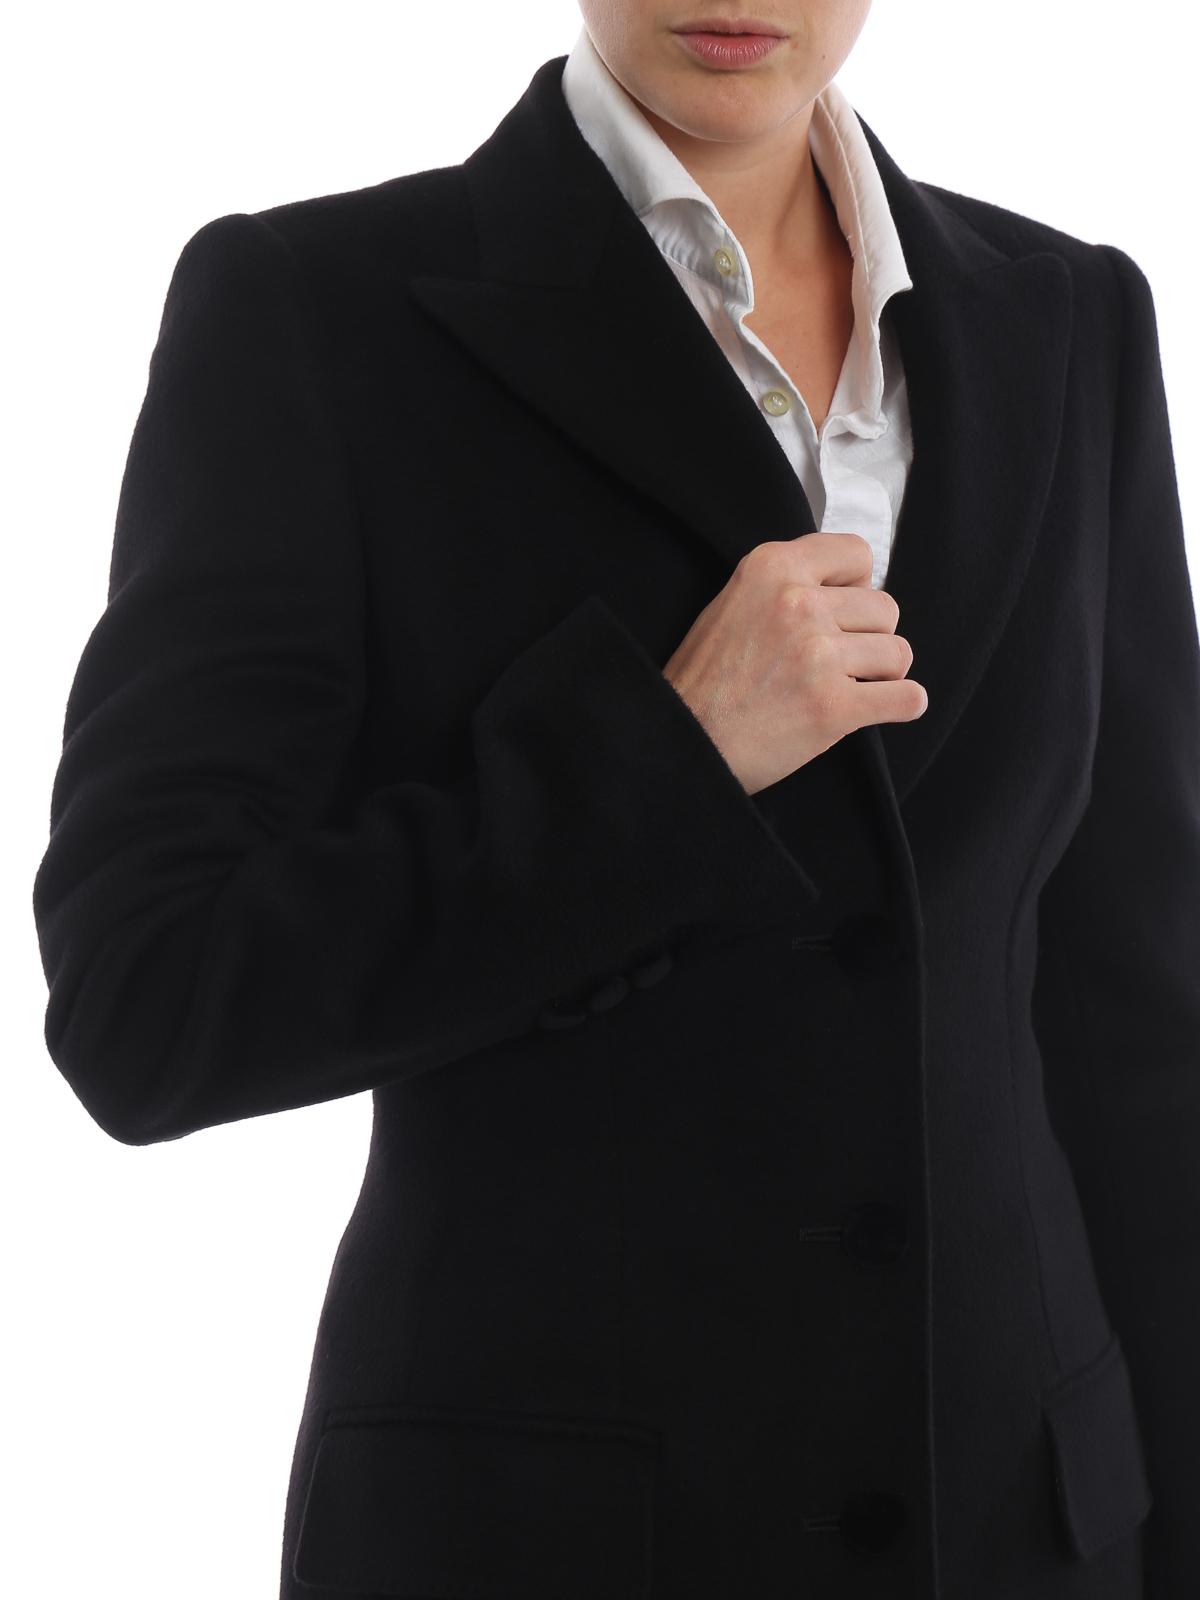 d449b582c7 Dolce & Gabbana - Cappotto nero in morbido panno di lana - cappotti ...